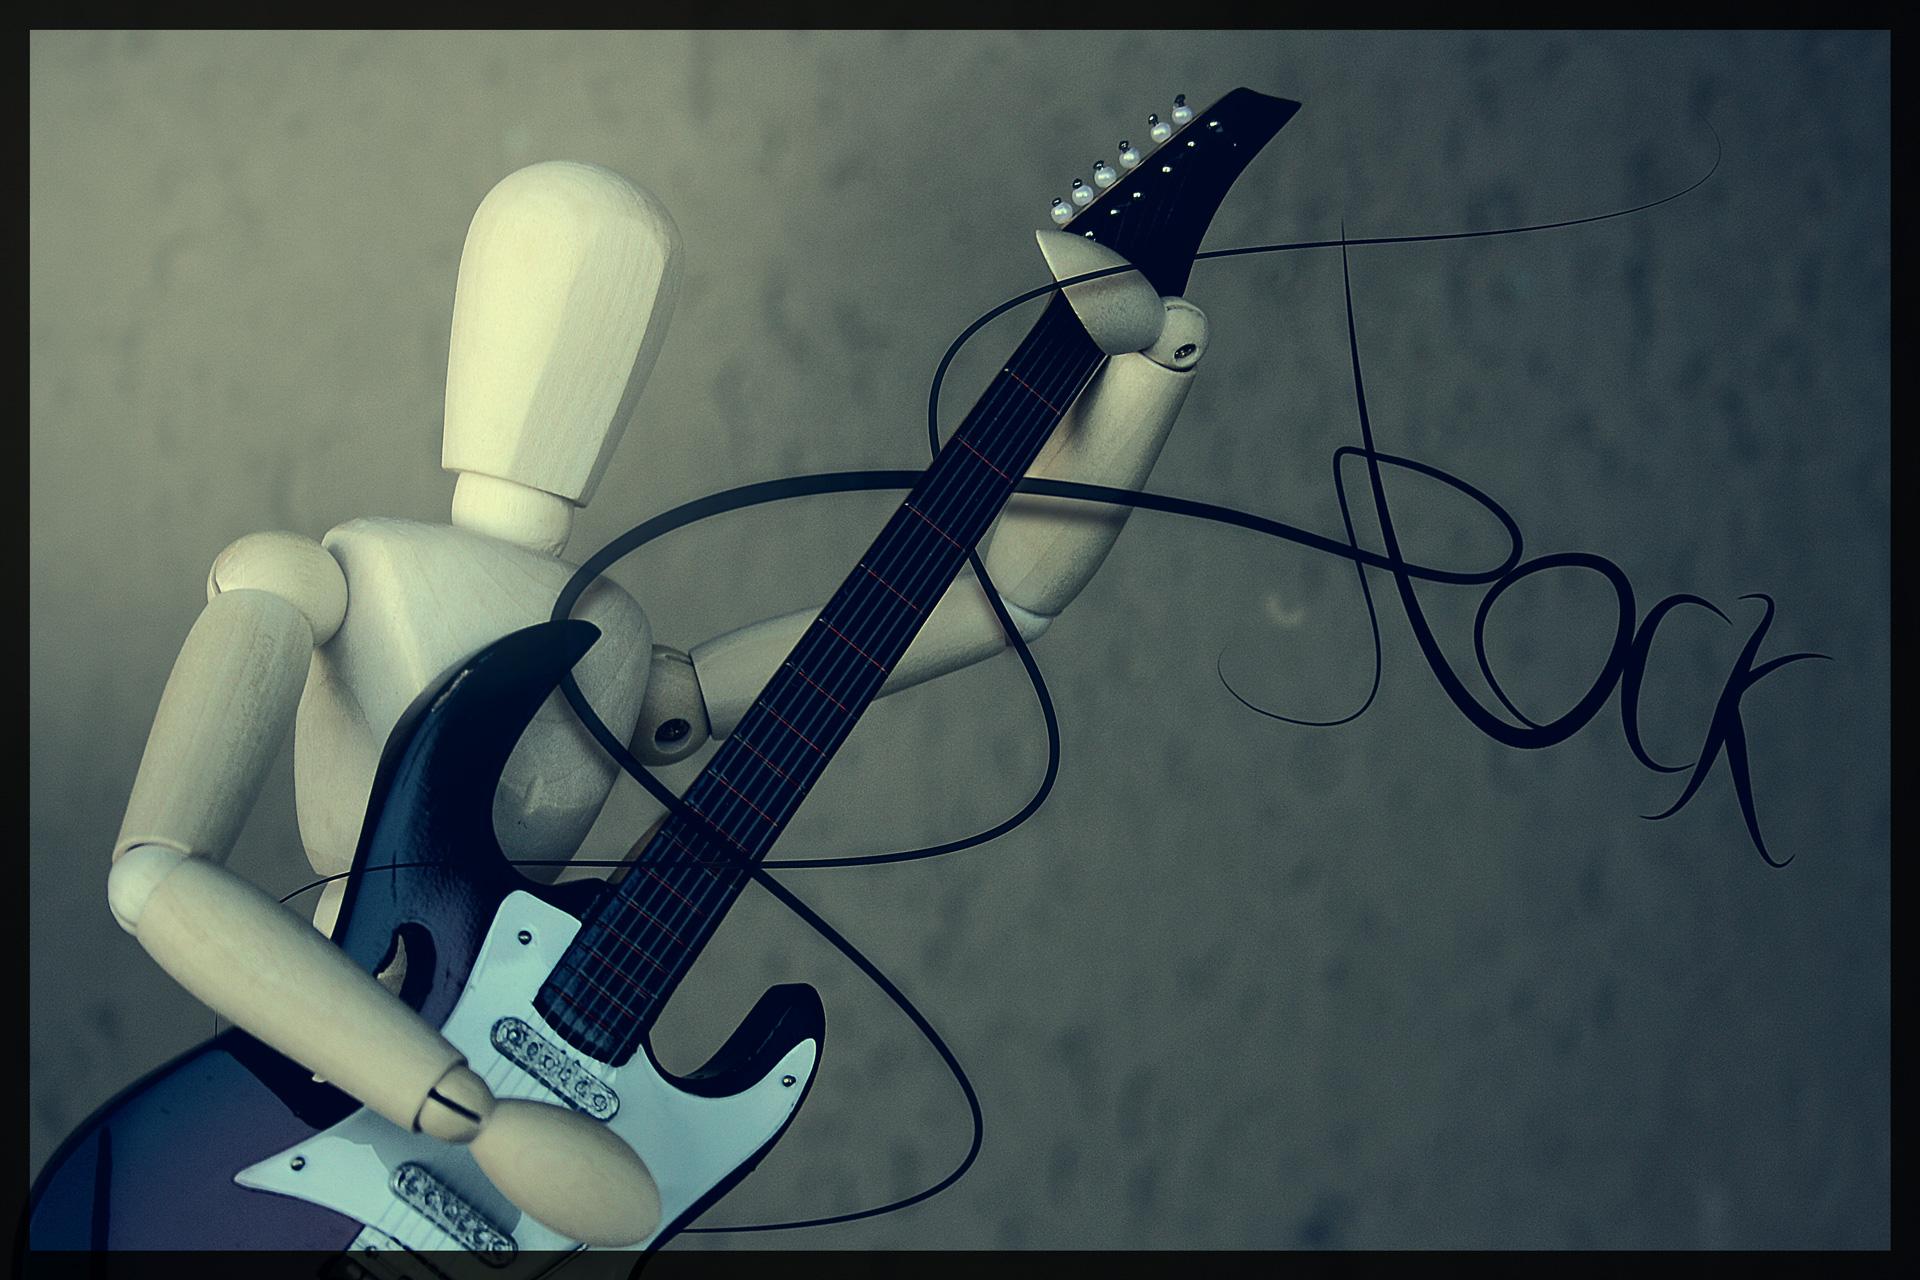 Rock music Wallpaper 1920x1280 Rock Music 1920x1280